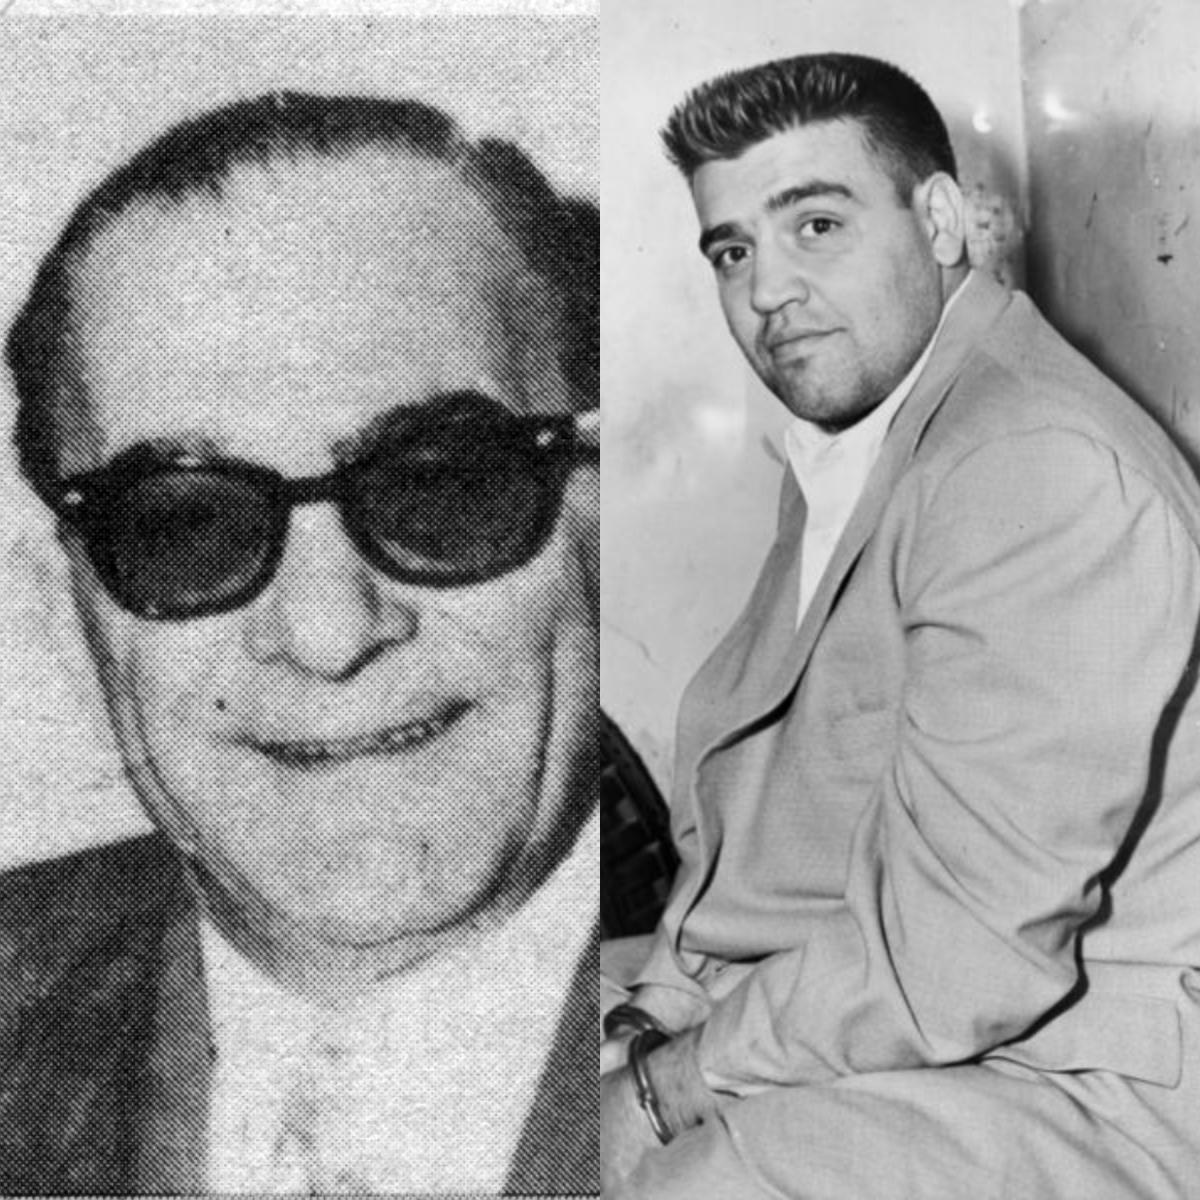 Vito Genovese y Vincent Gigante.